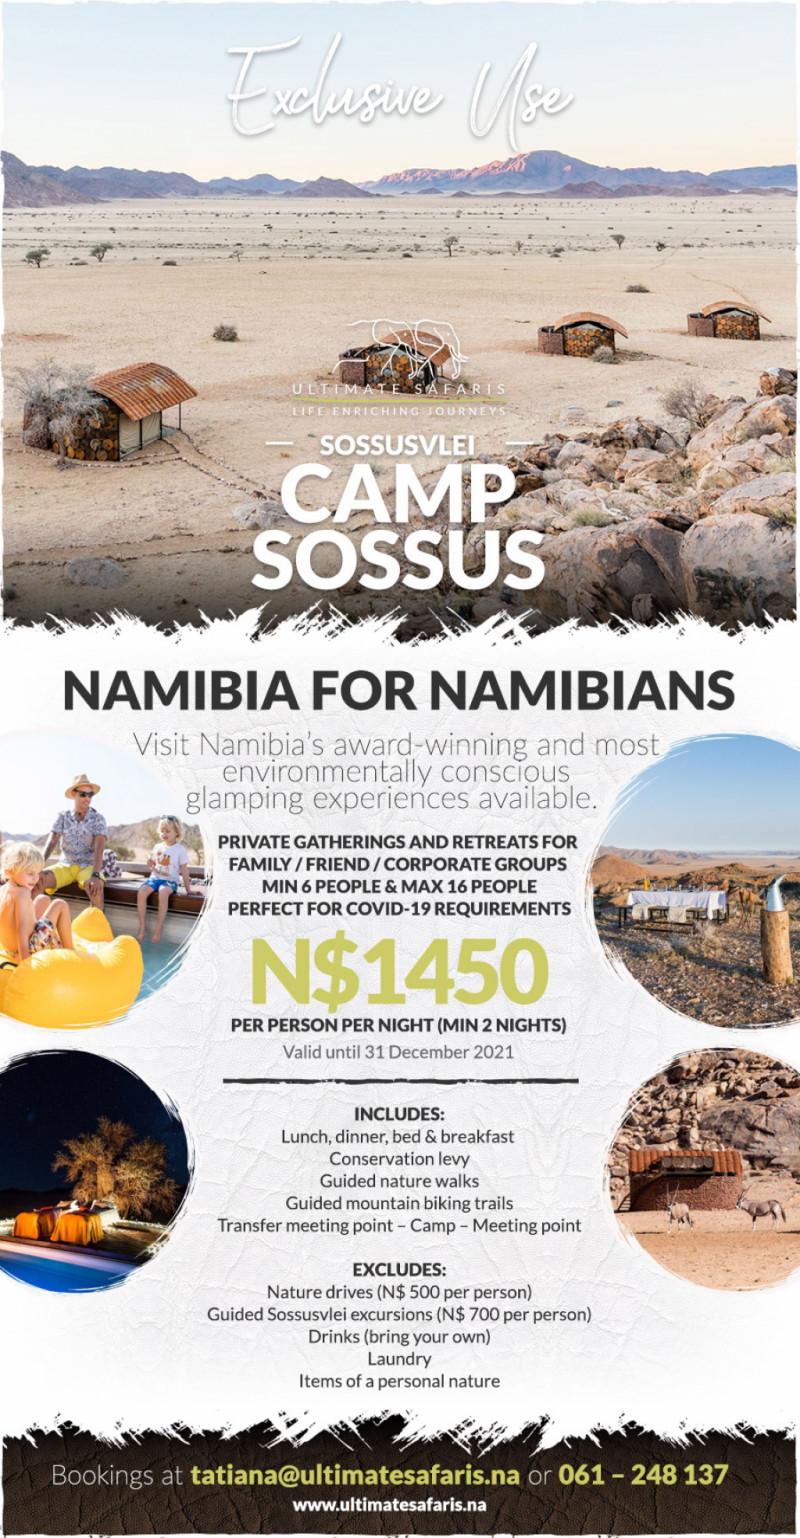 Exclusive-CampSossus